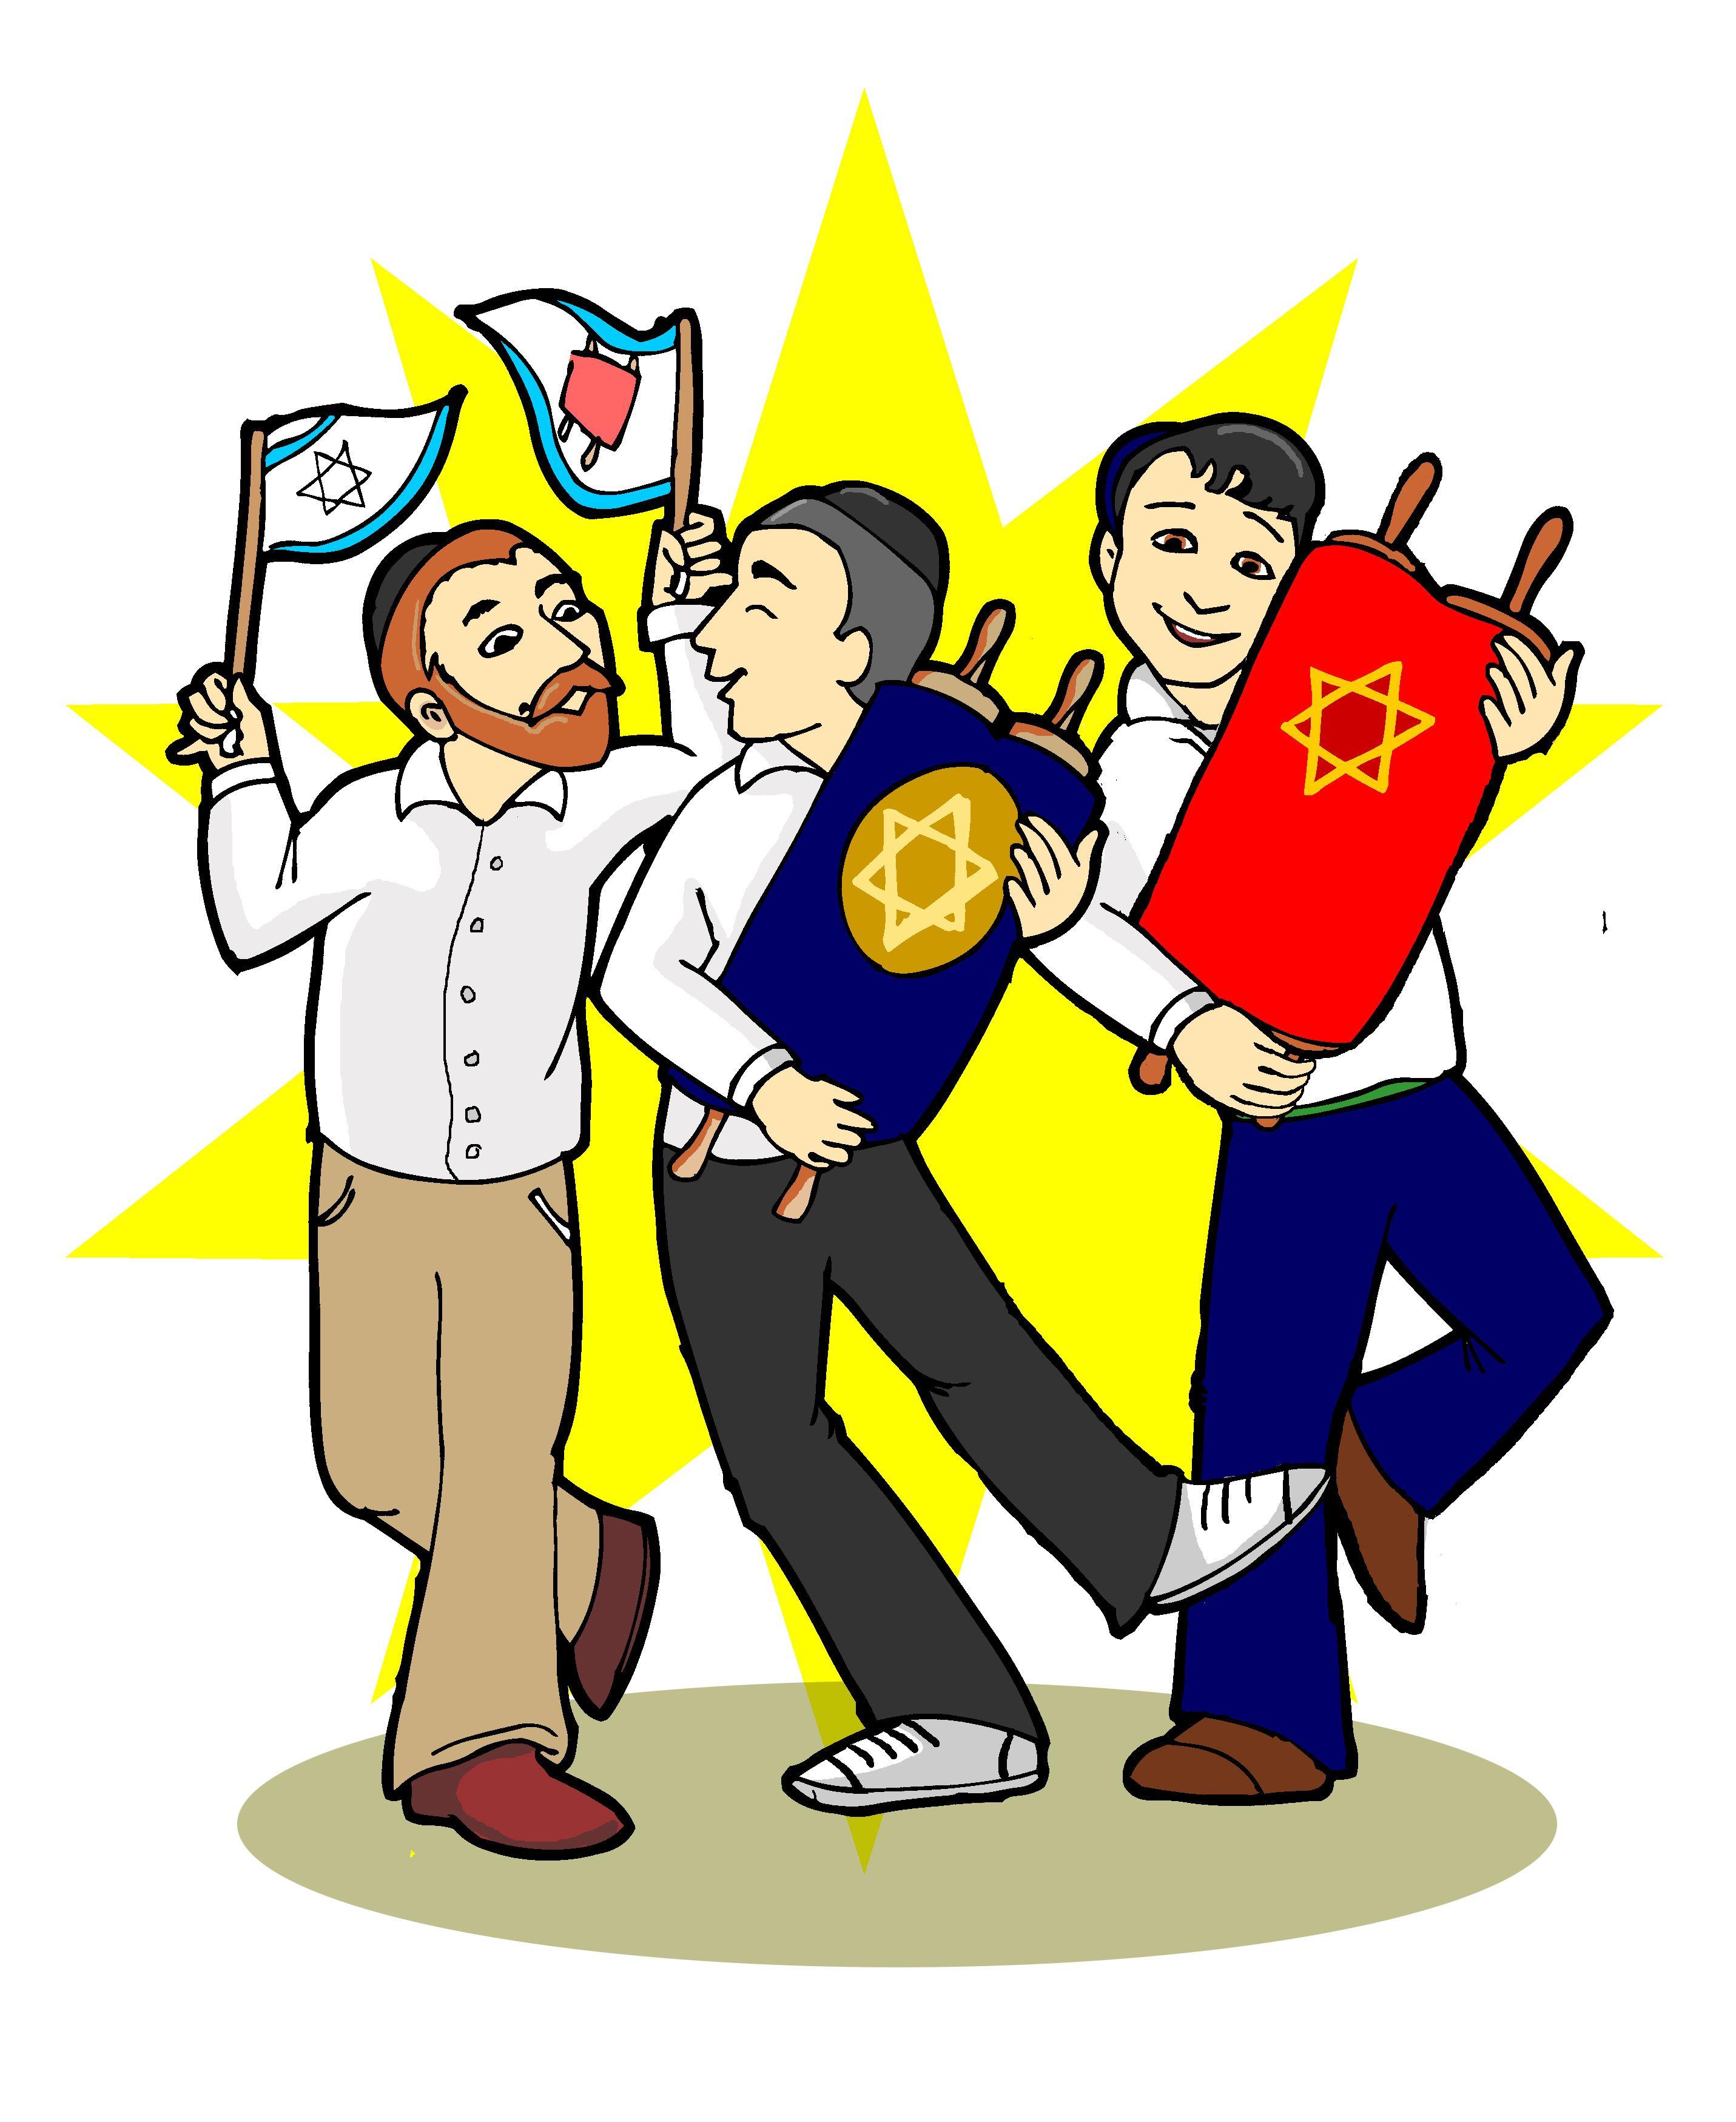 Simchat Torah Images Simchat Torah Chag Simchat Torah